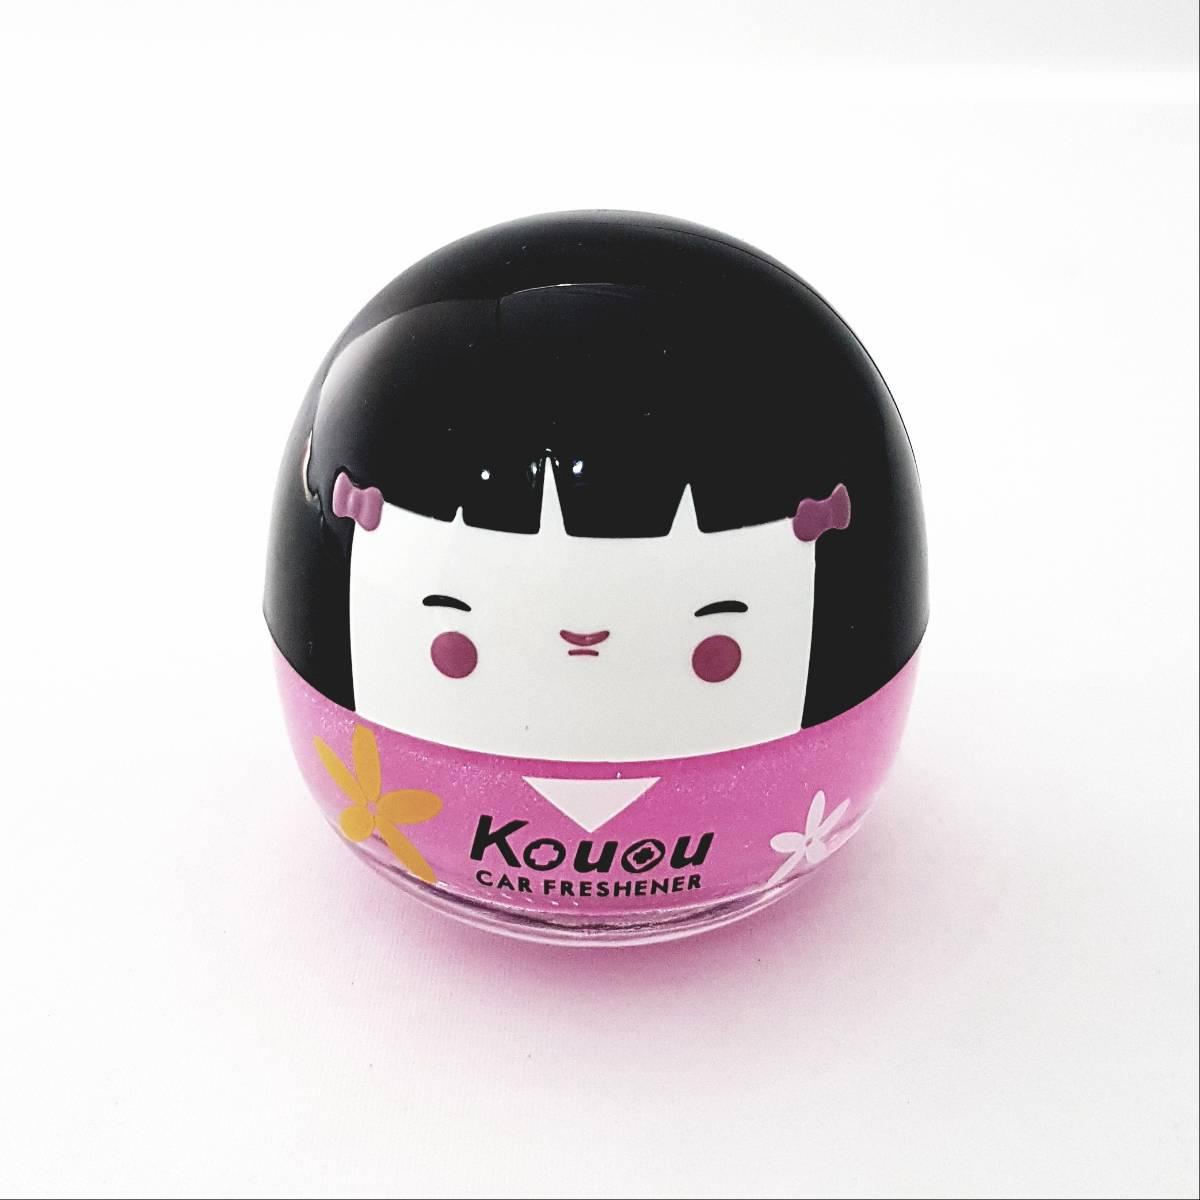 Parfum Mobil Boneka Jepang Kouou Pm-002/a31